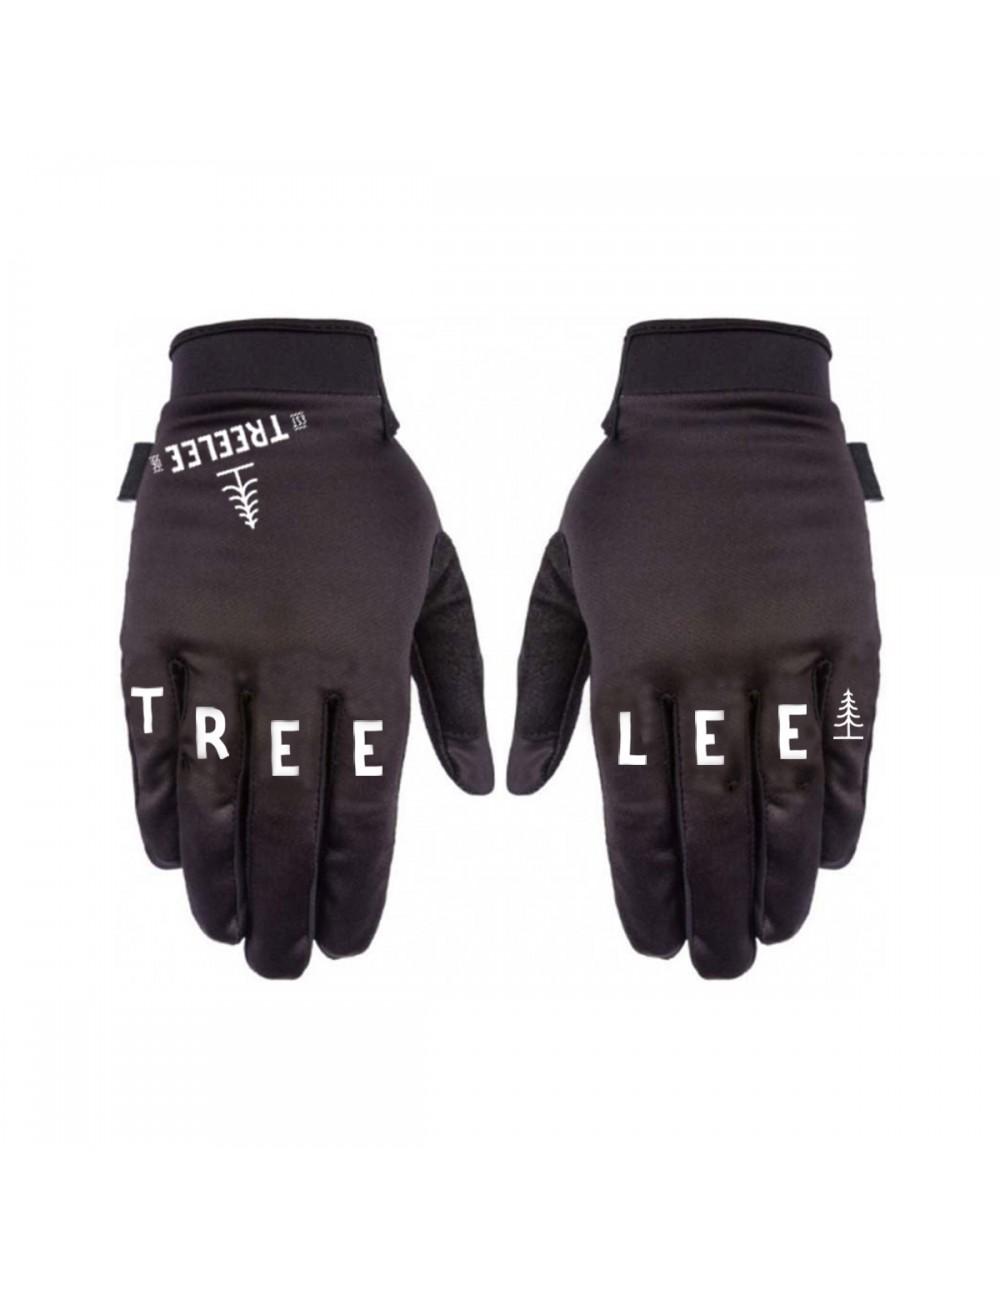 TreeLee x Fist Gloves - Black_12937